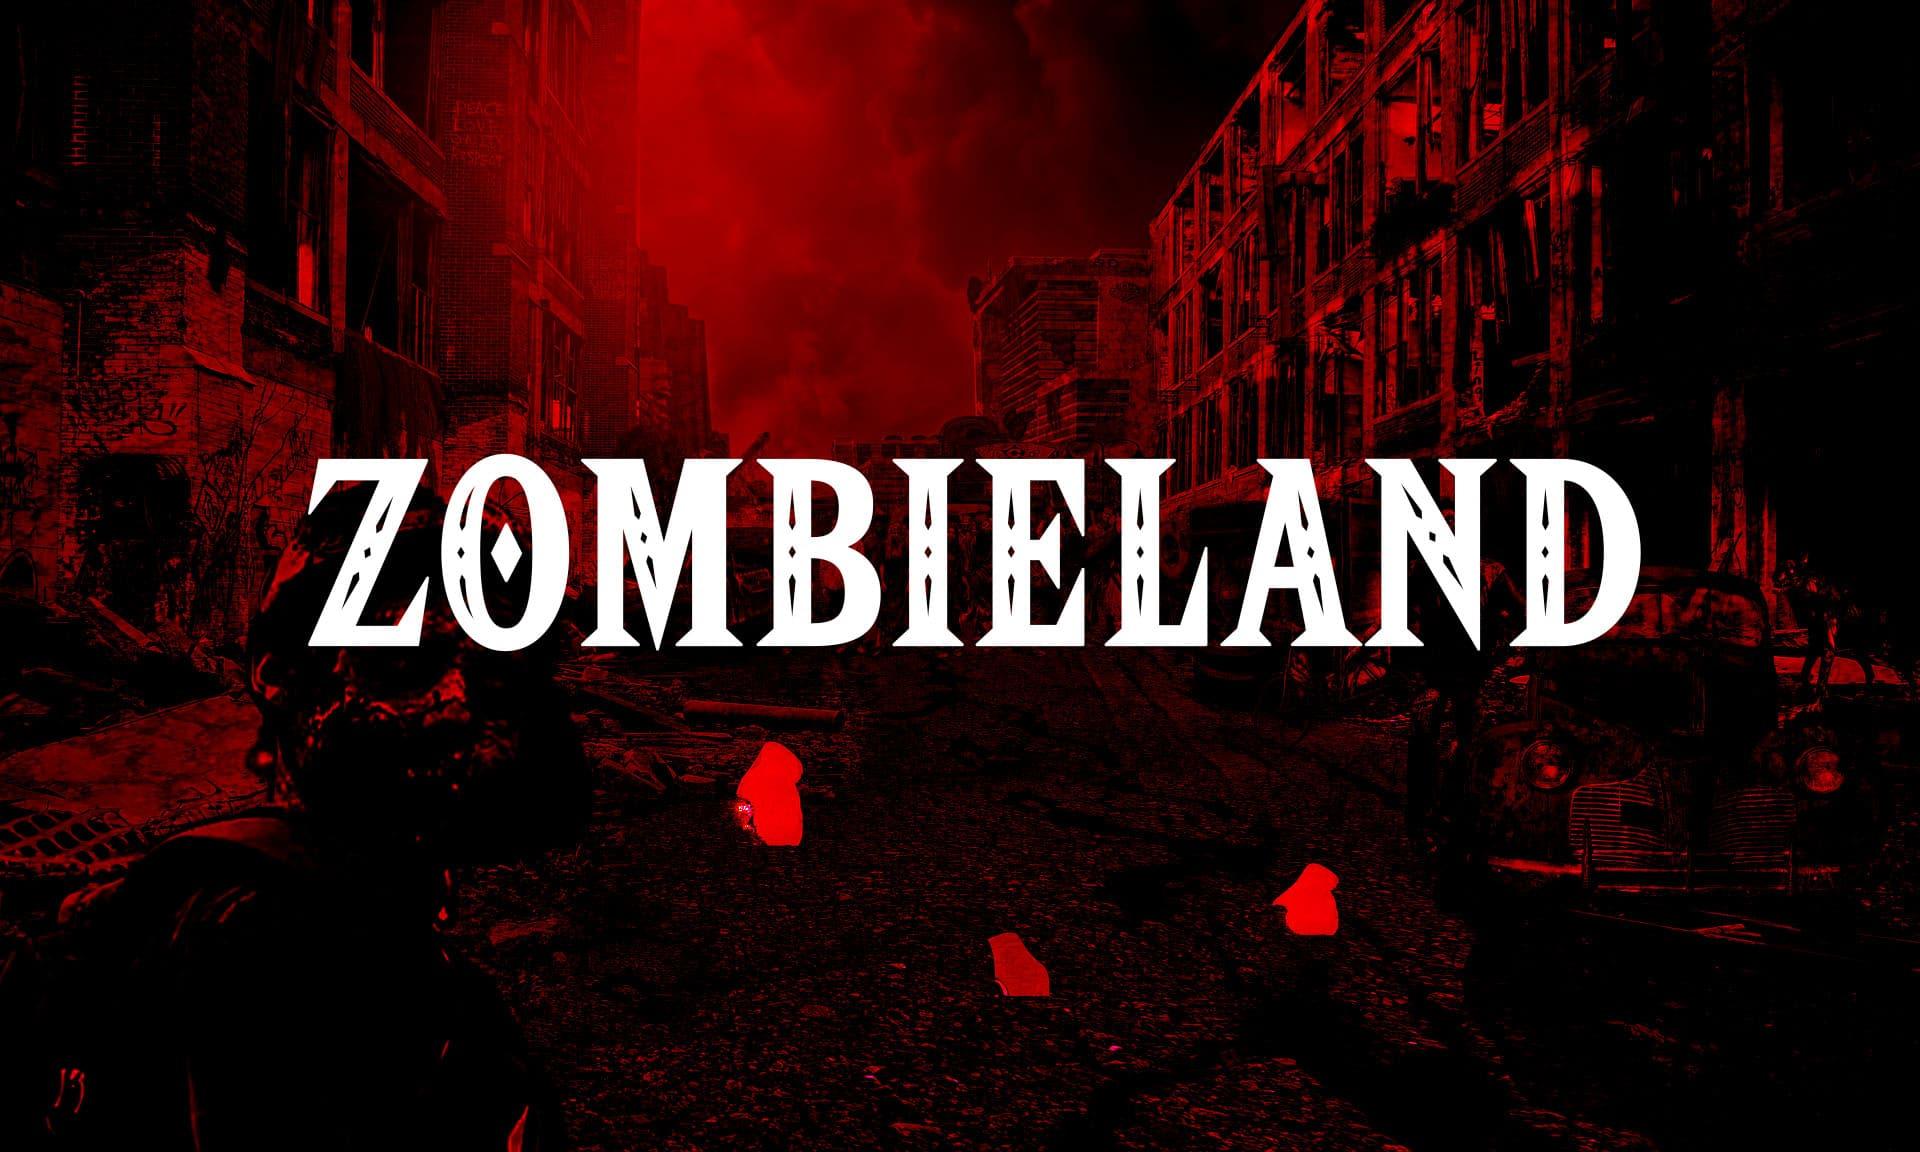 Zombieland y Zombieland 2 ¿Por qué gustan tanto?